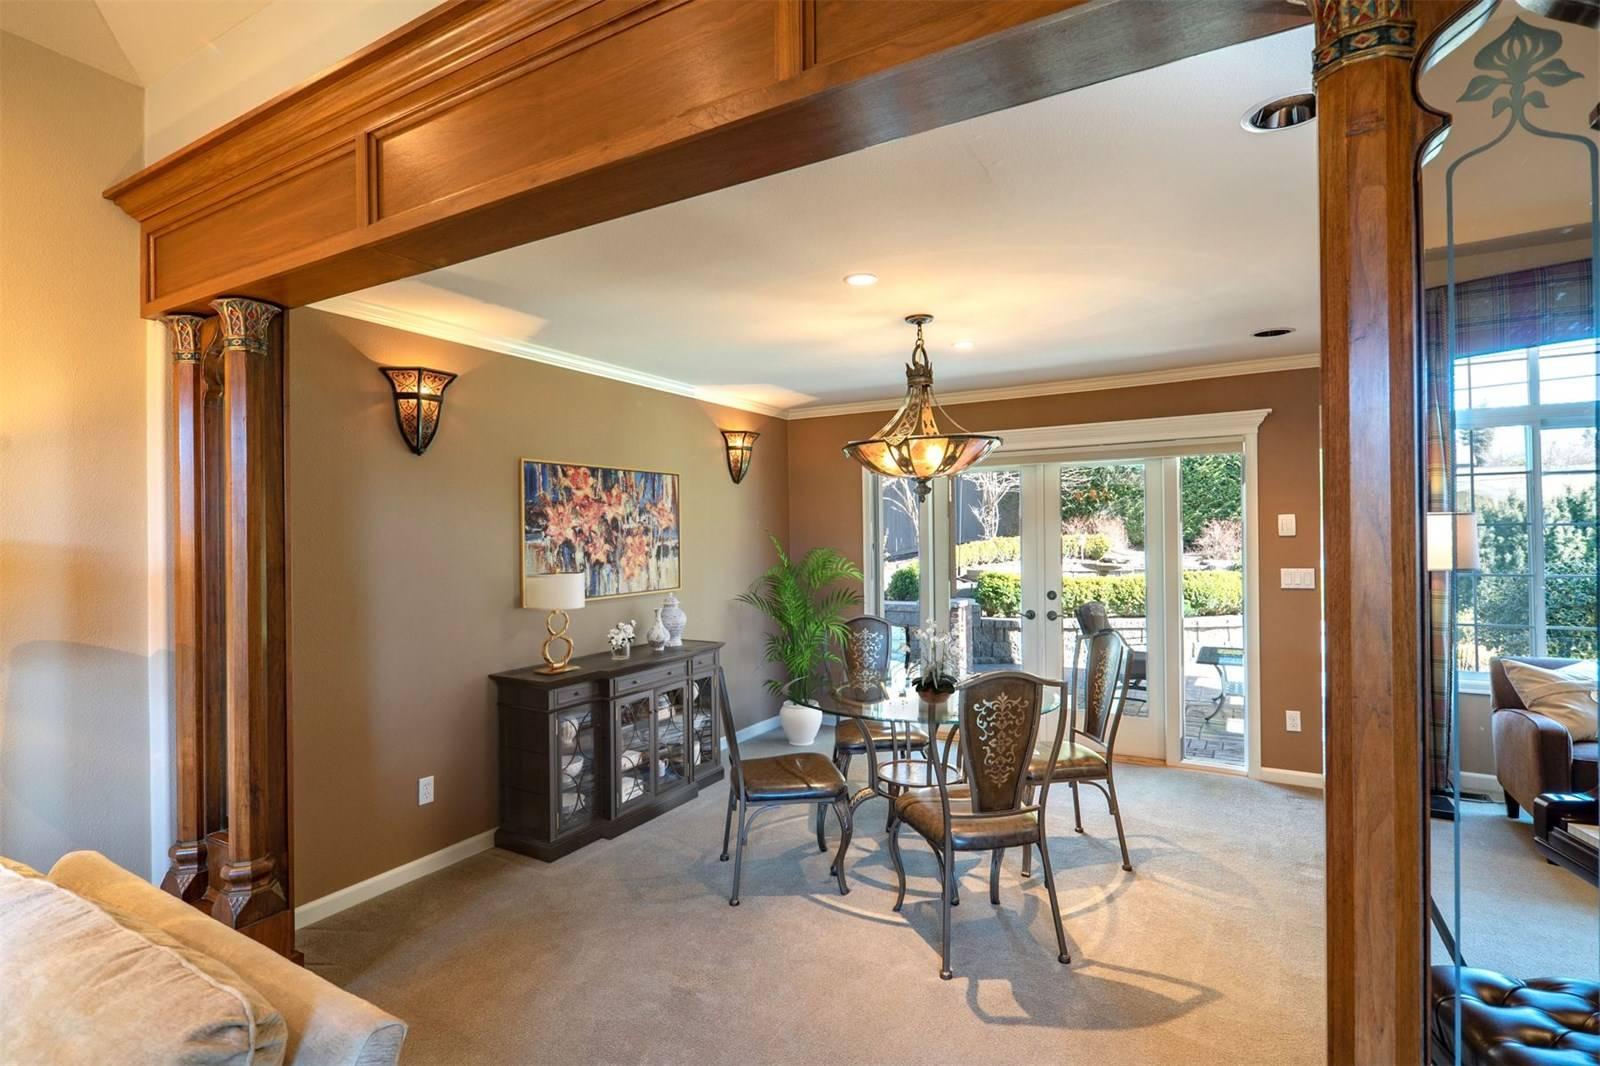 1624 108th Avenue Northeast, Bellevue - Helen Pederslie (3).jpg